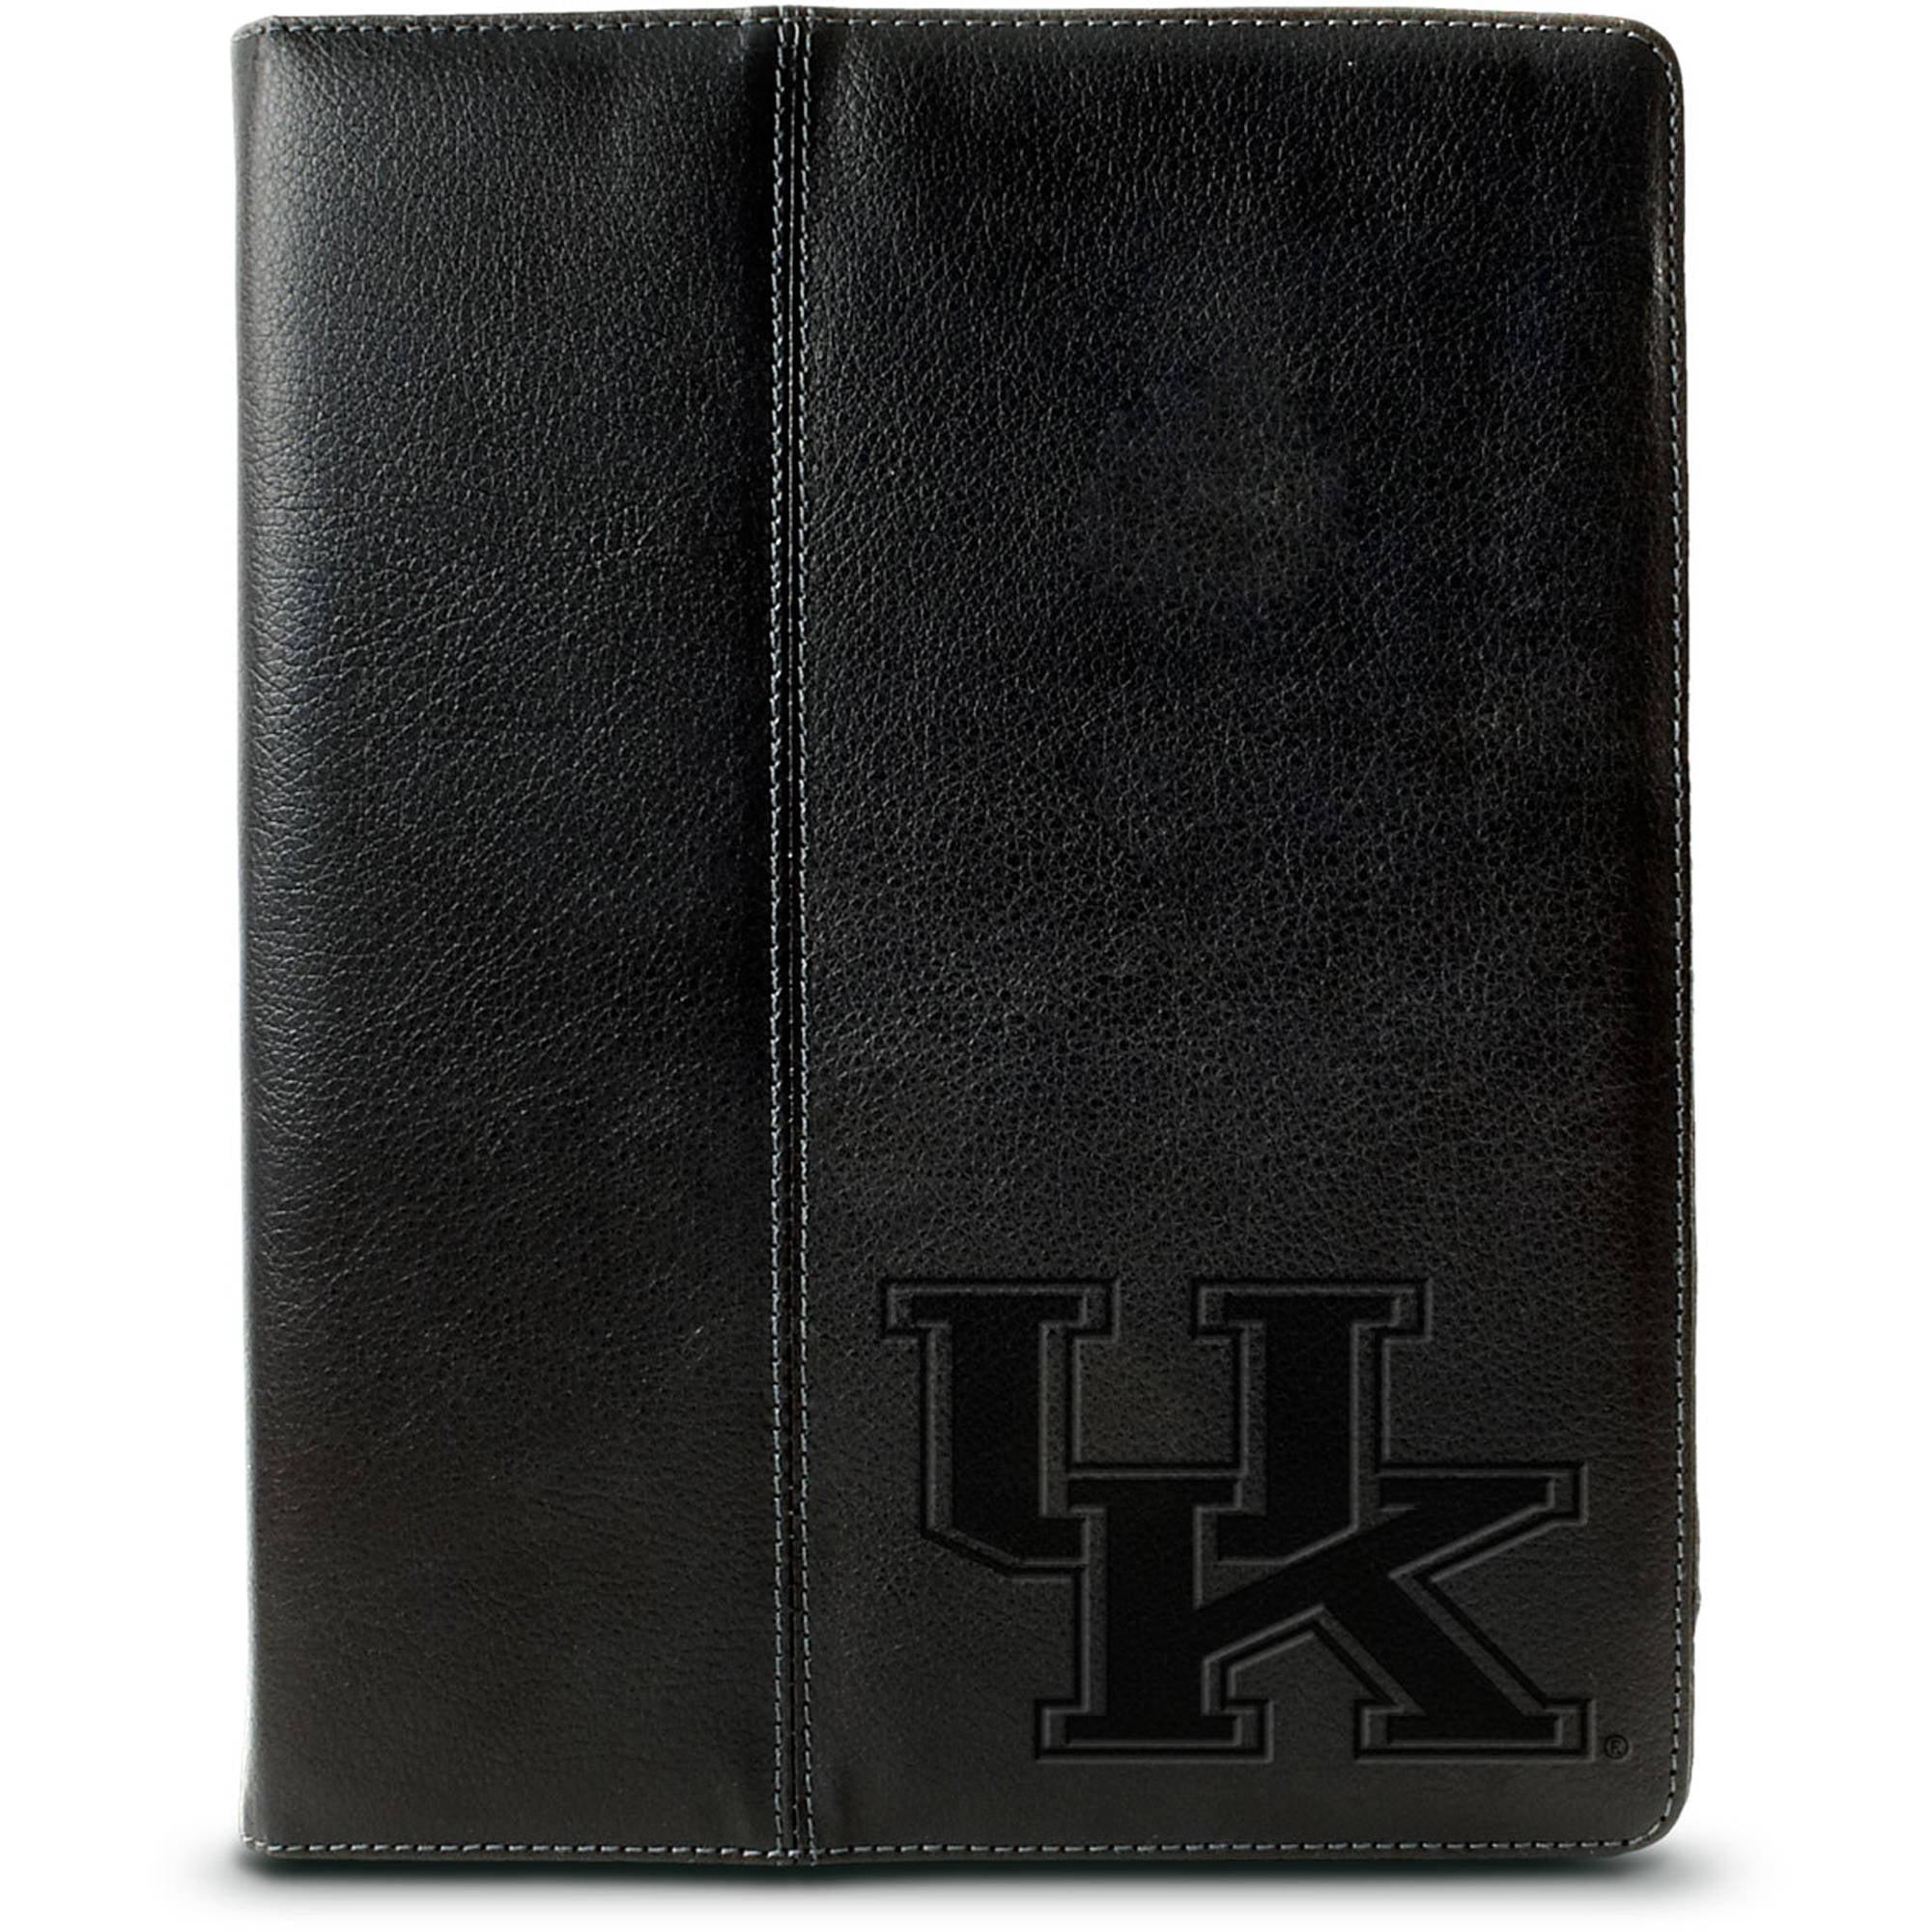 Centon iPad Leather Folio Case University of Kentucky